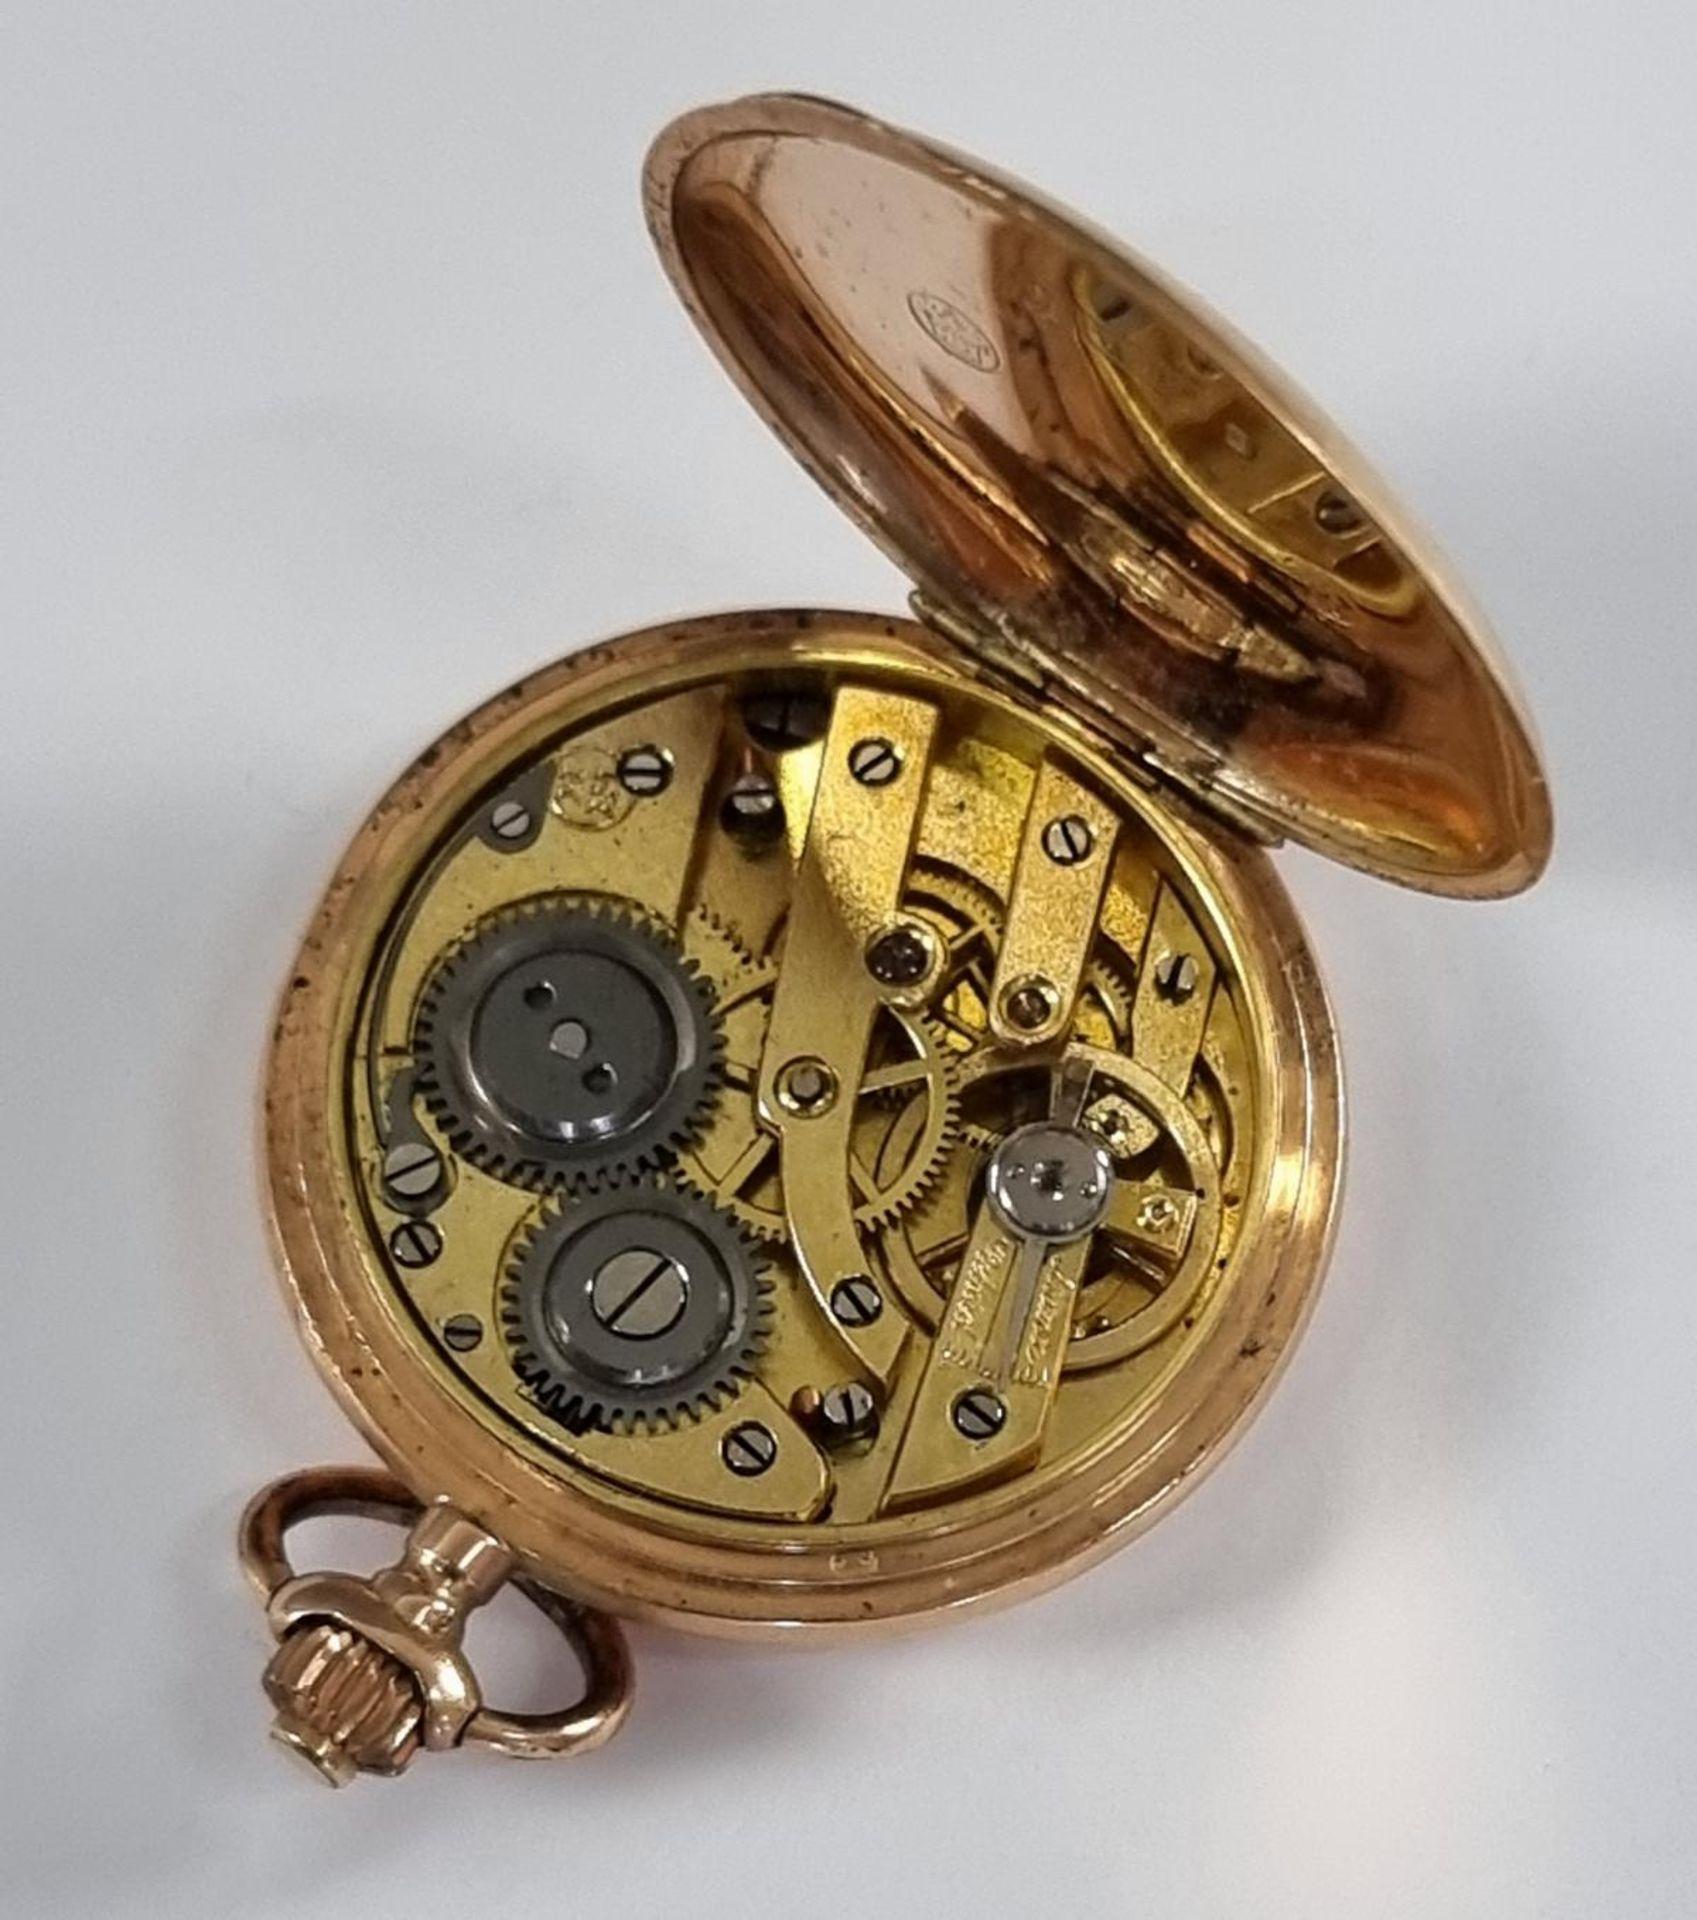 Goldene Damentaschenuhr, 14 Karat Gelbgold - Bild 3 aus 7